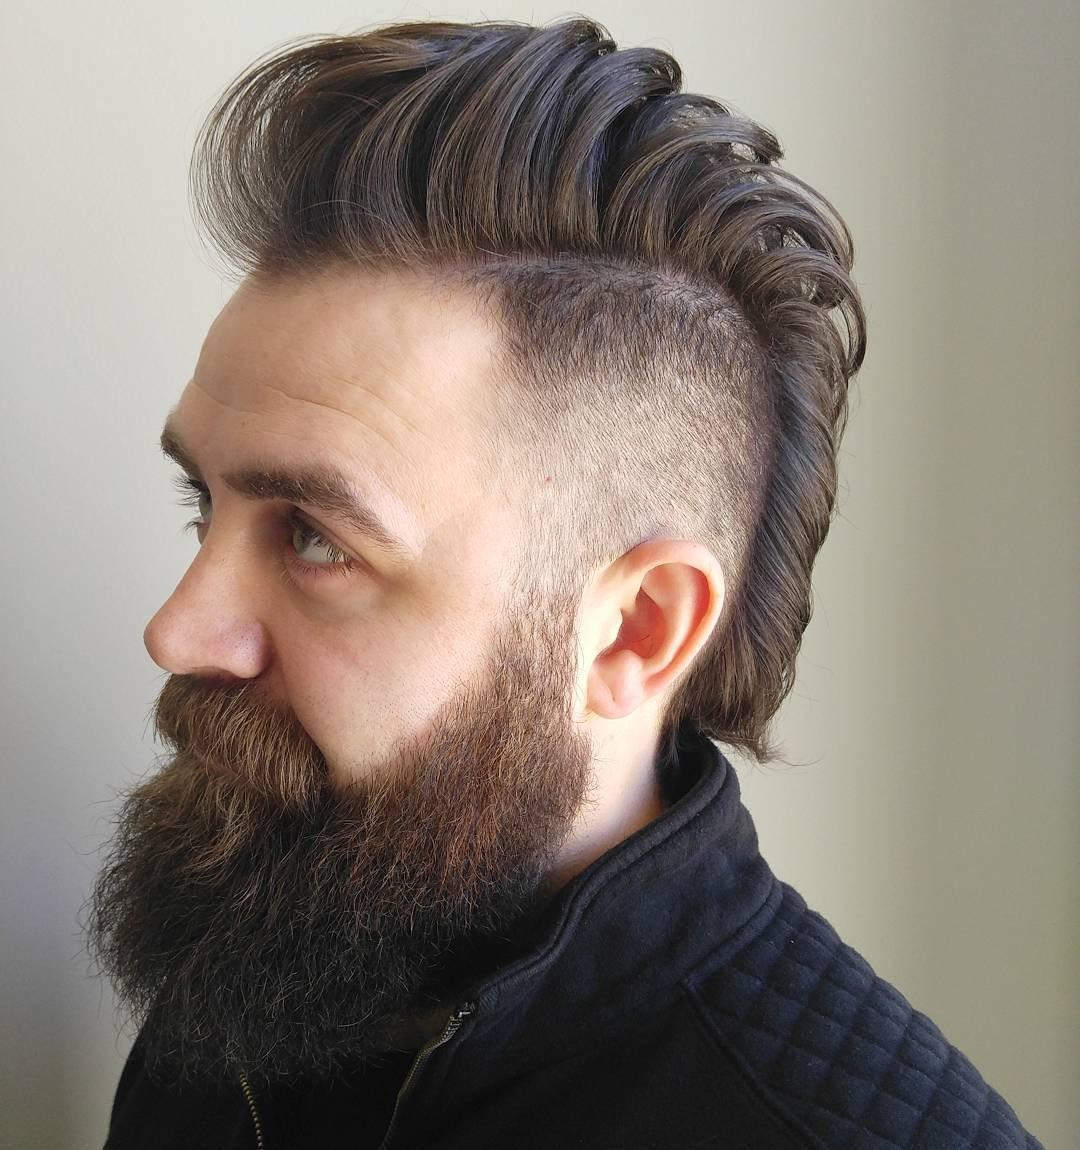 100 coupes de cheveux les plus populaires pour les hommes pour 2020 5f3f760f0315b - 100+ coupes de cheveux les plus populaires pour les hommes pour 2020